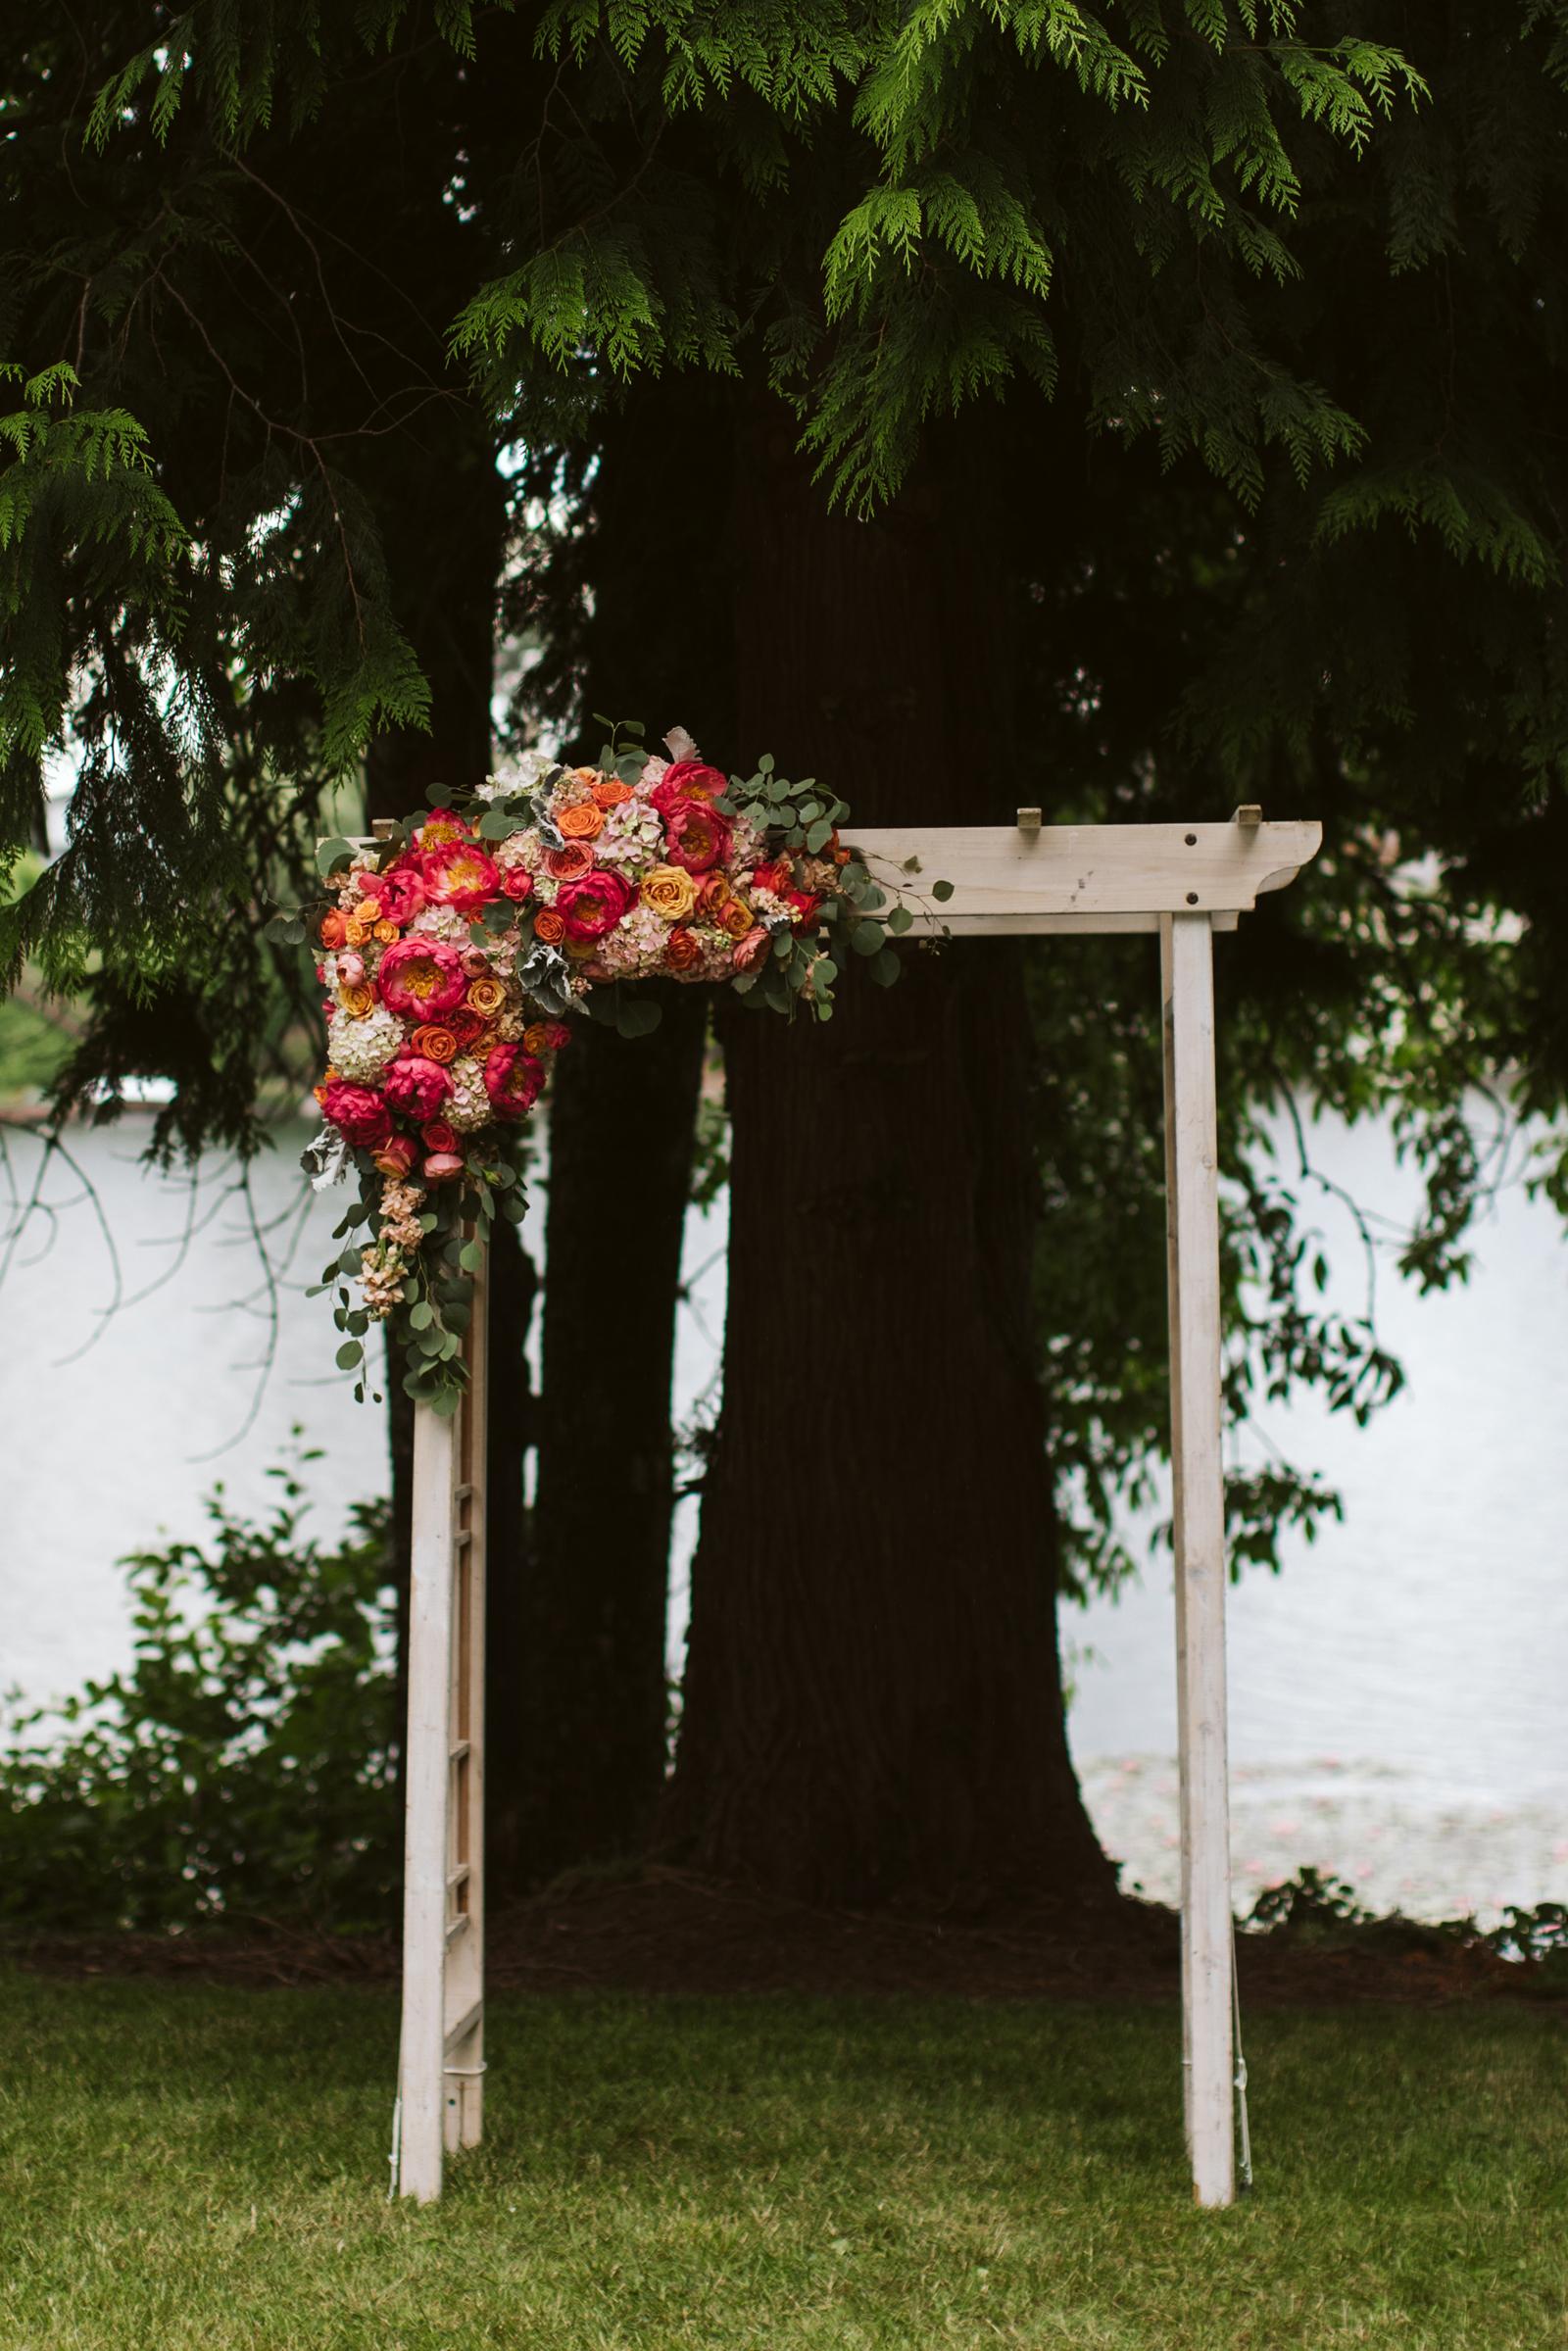 024-daronjackson-gabby-alec-wedding.jpg